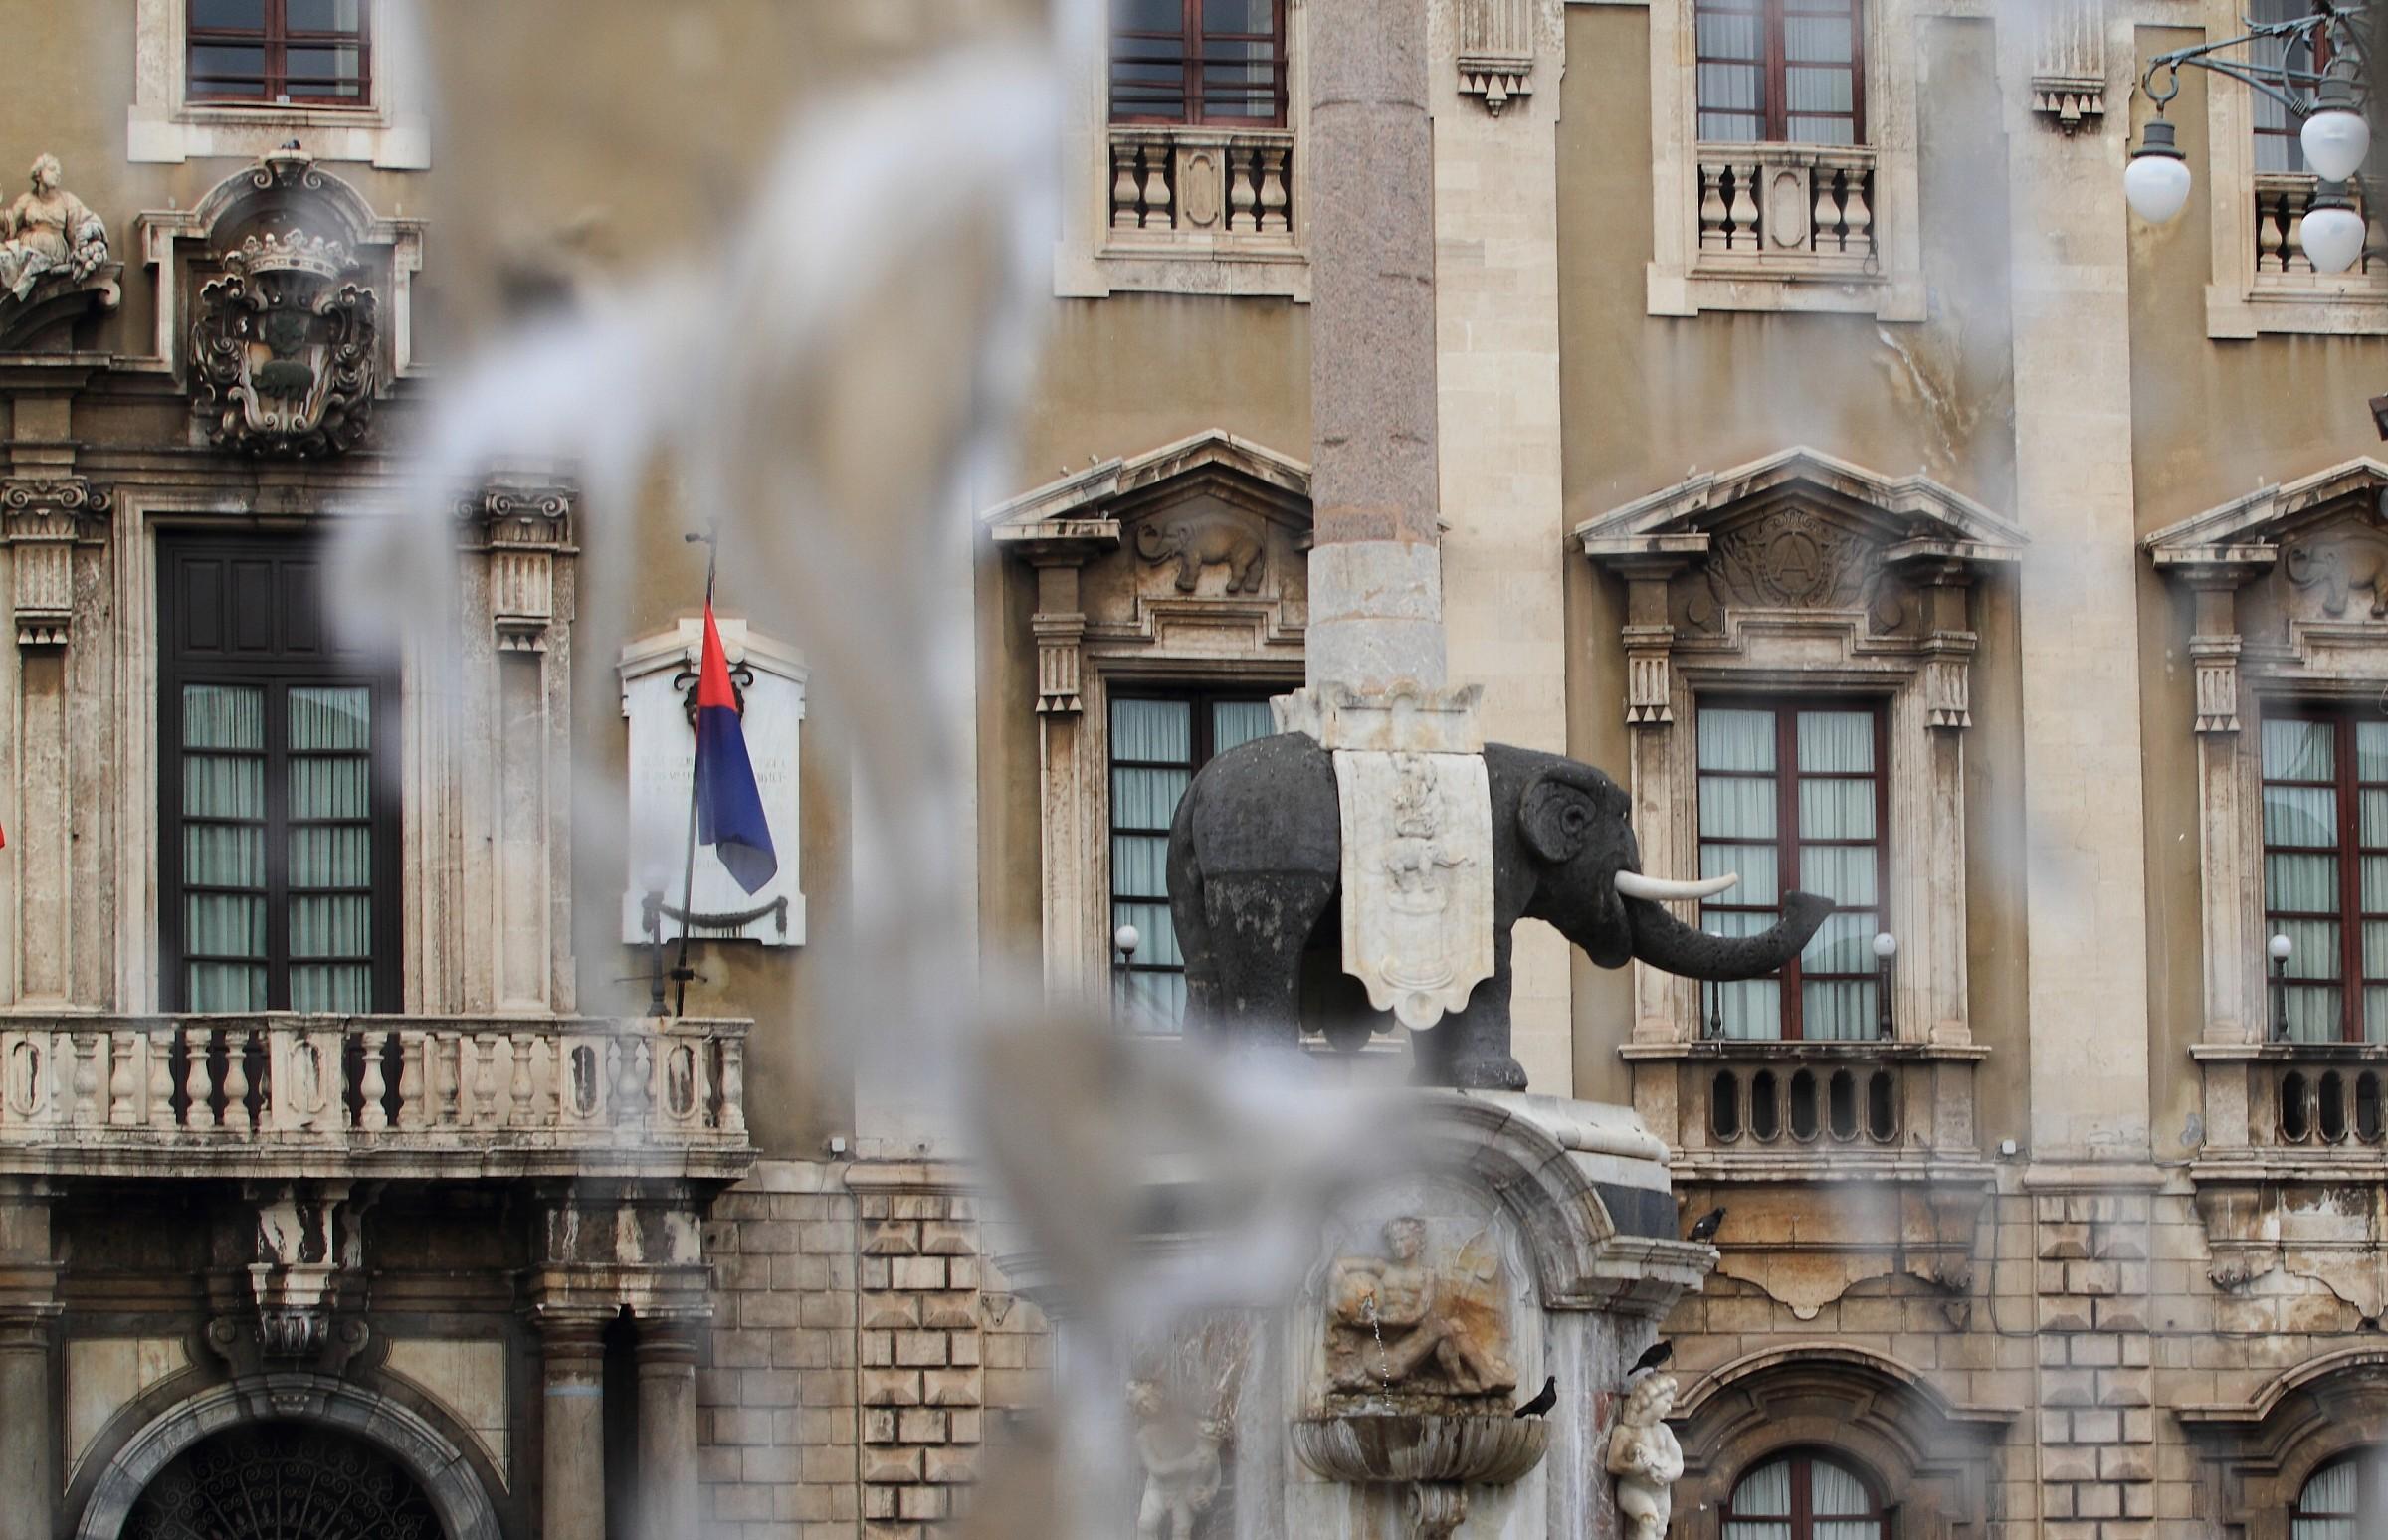 The symbol of Catania...